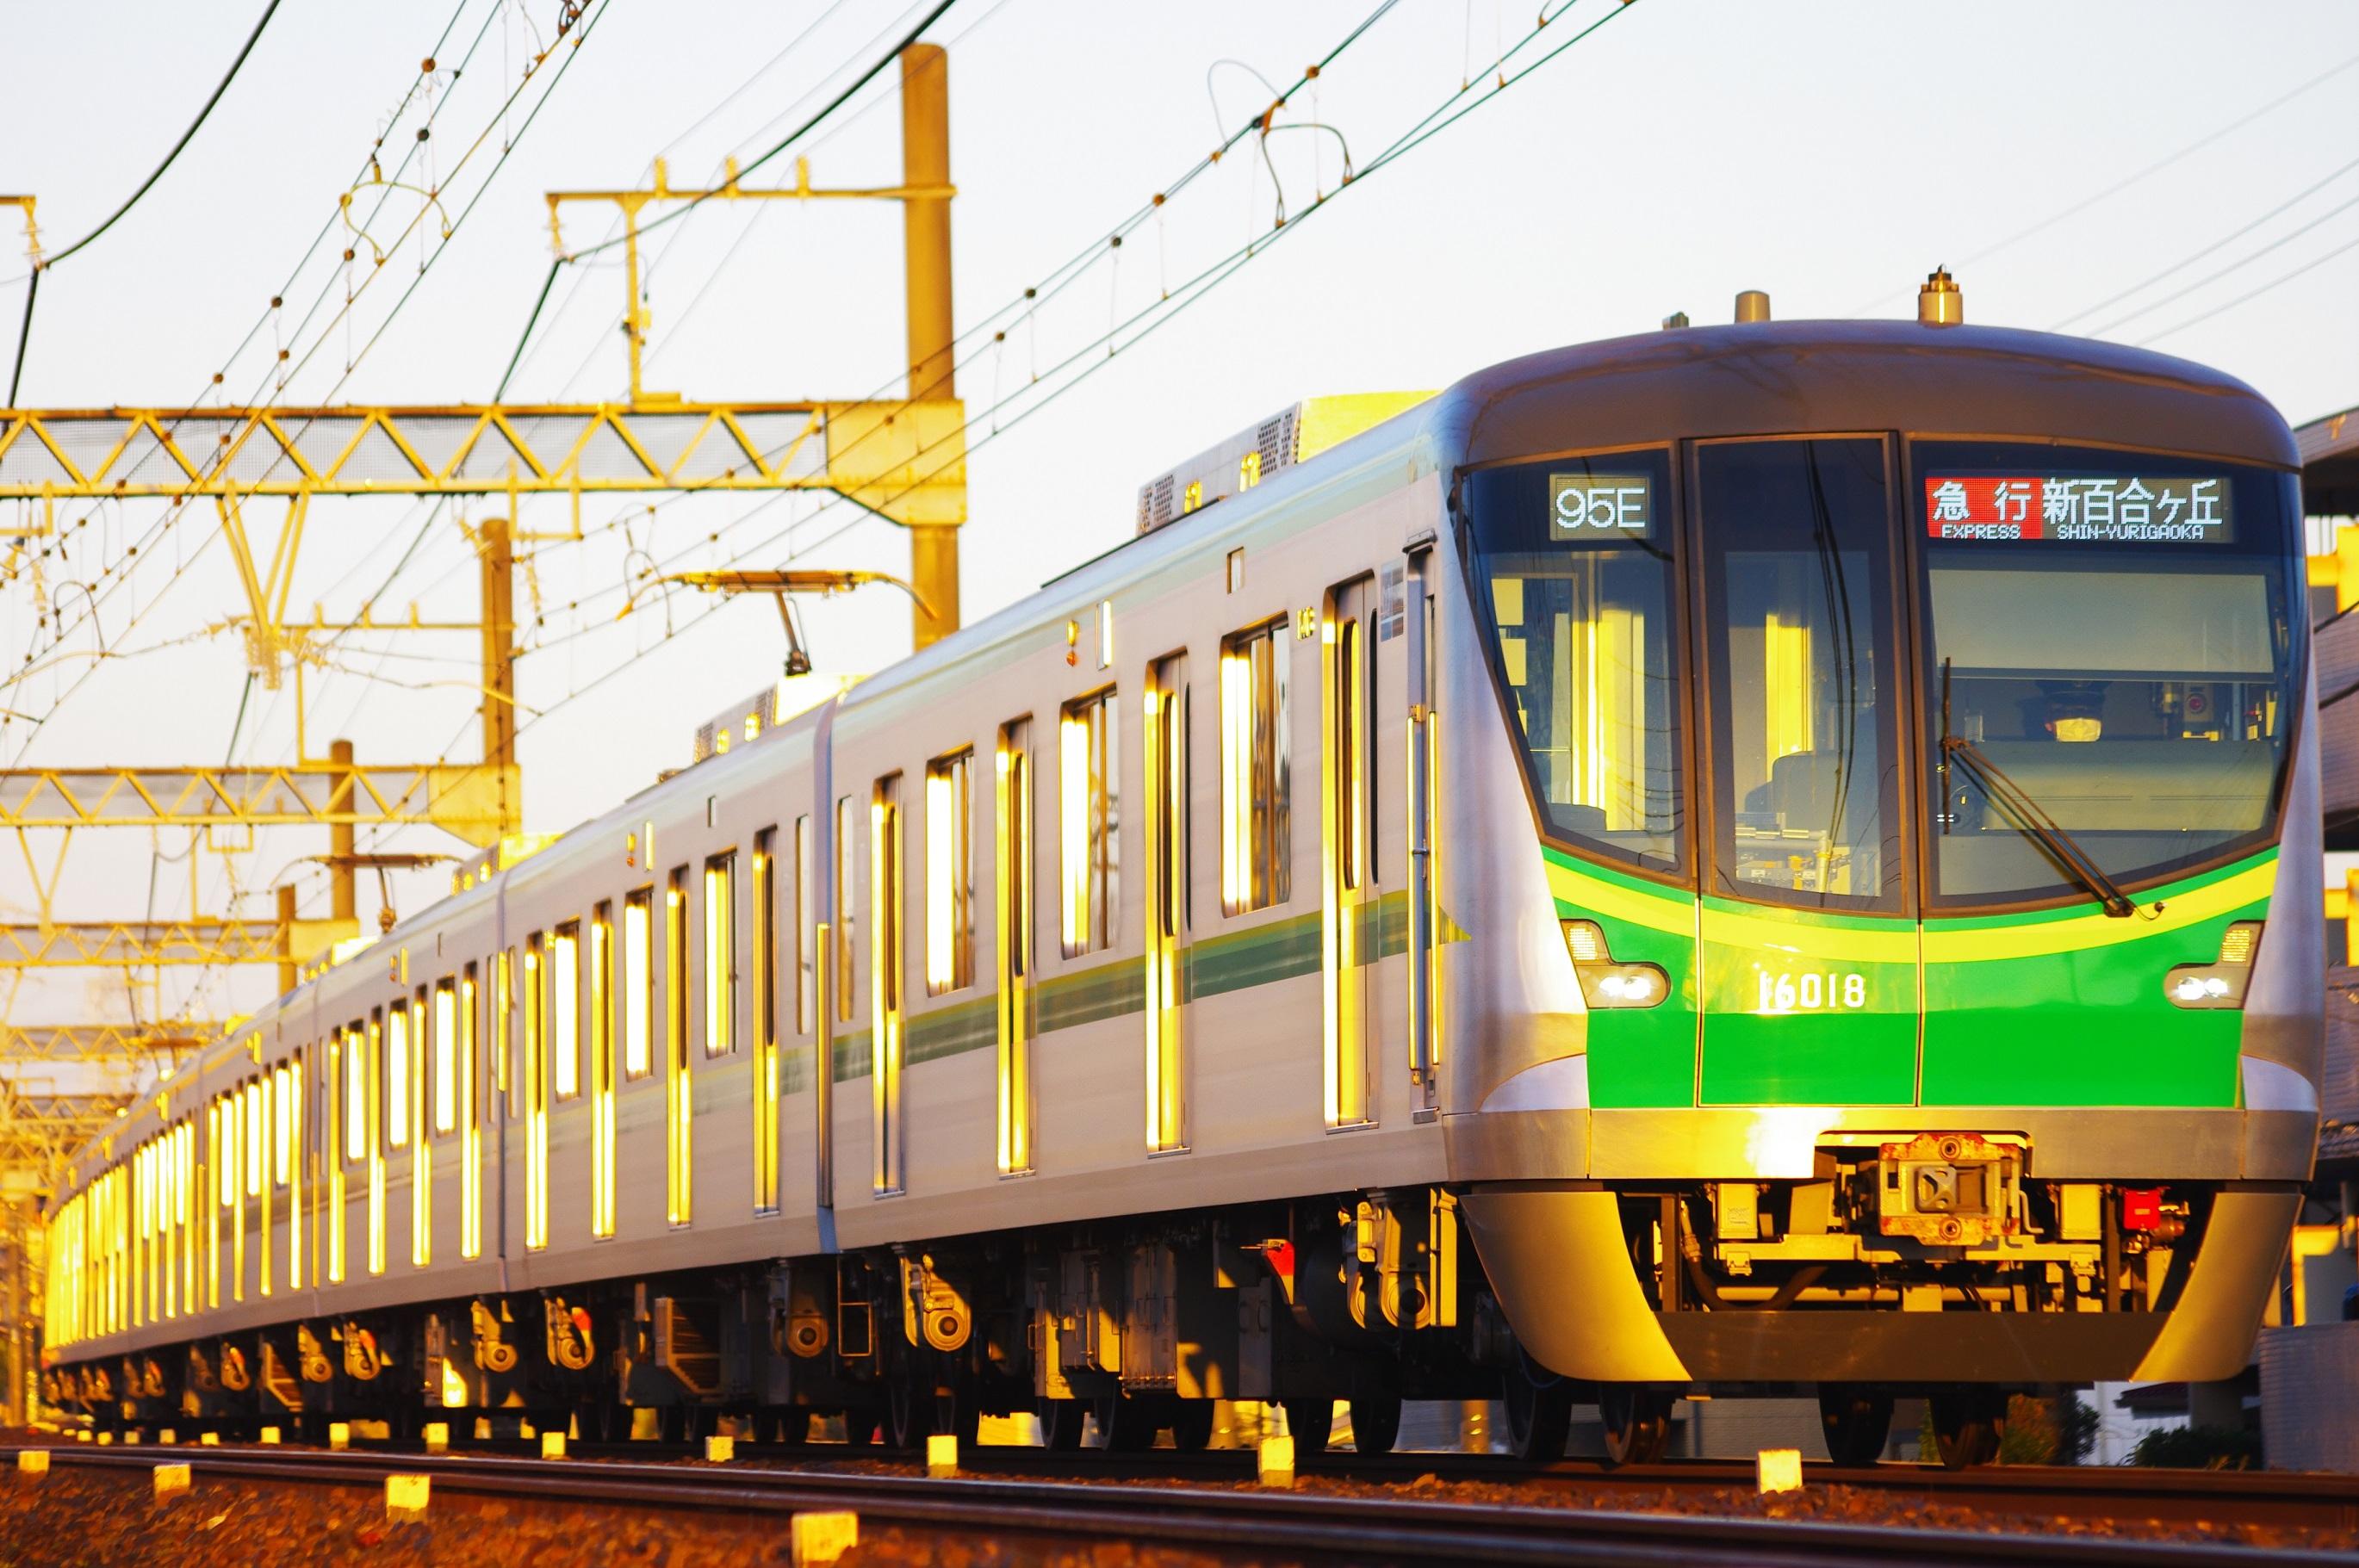 2015/12/09「95E代走ギラリ急百」